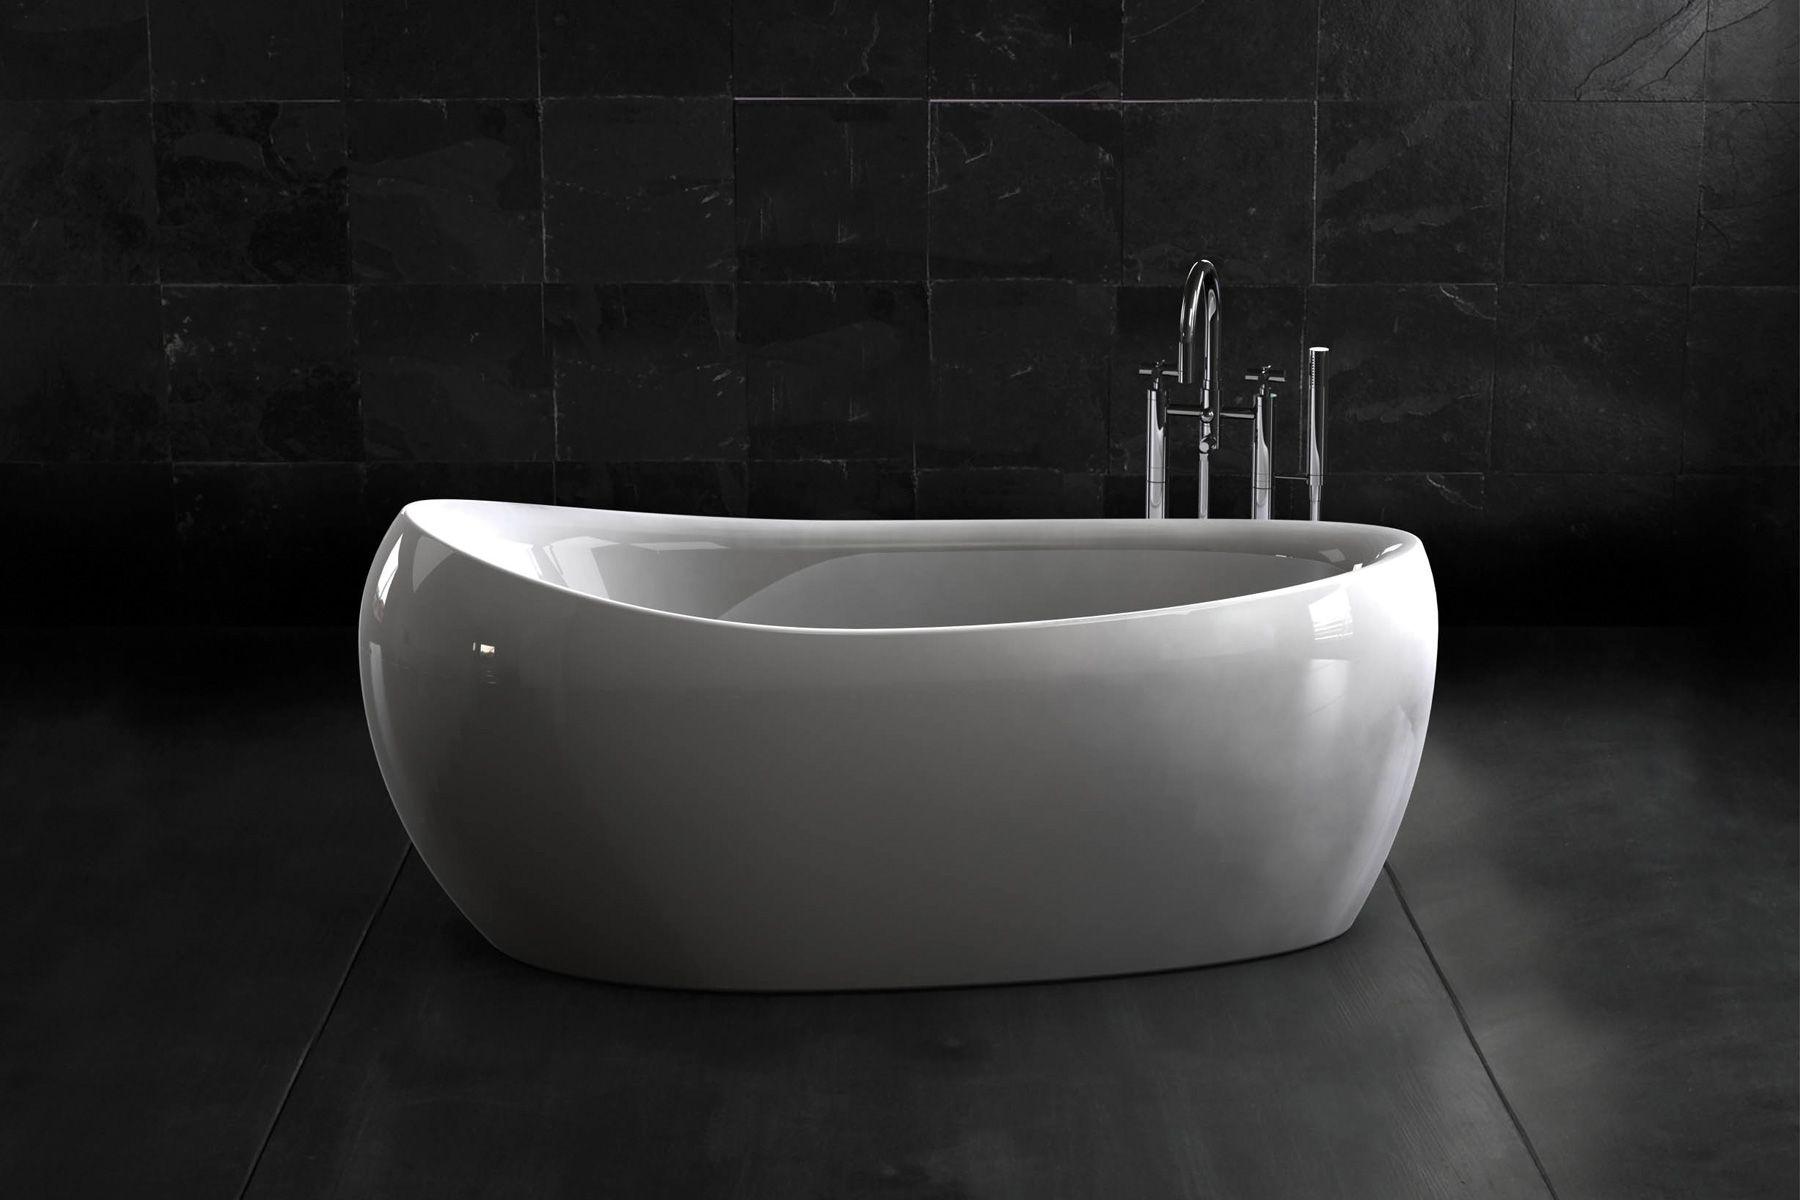 jacuzzi cosi superbe baignoire lot aux courbes enveloppantes irr sistibles baignoires